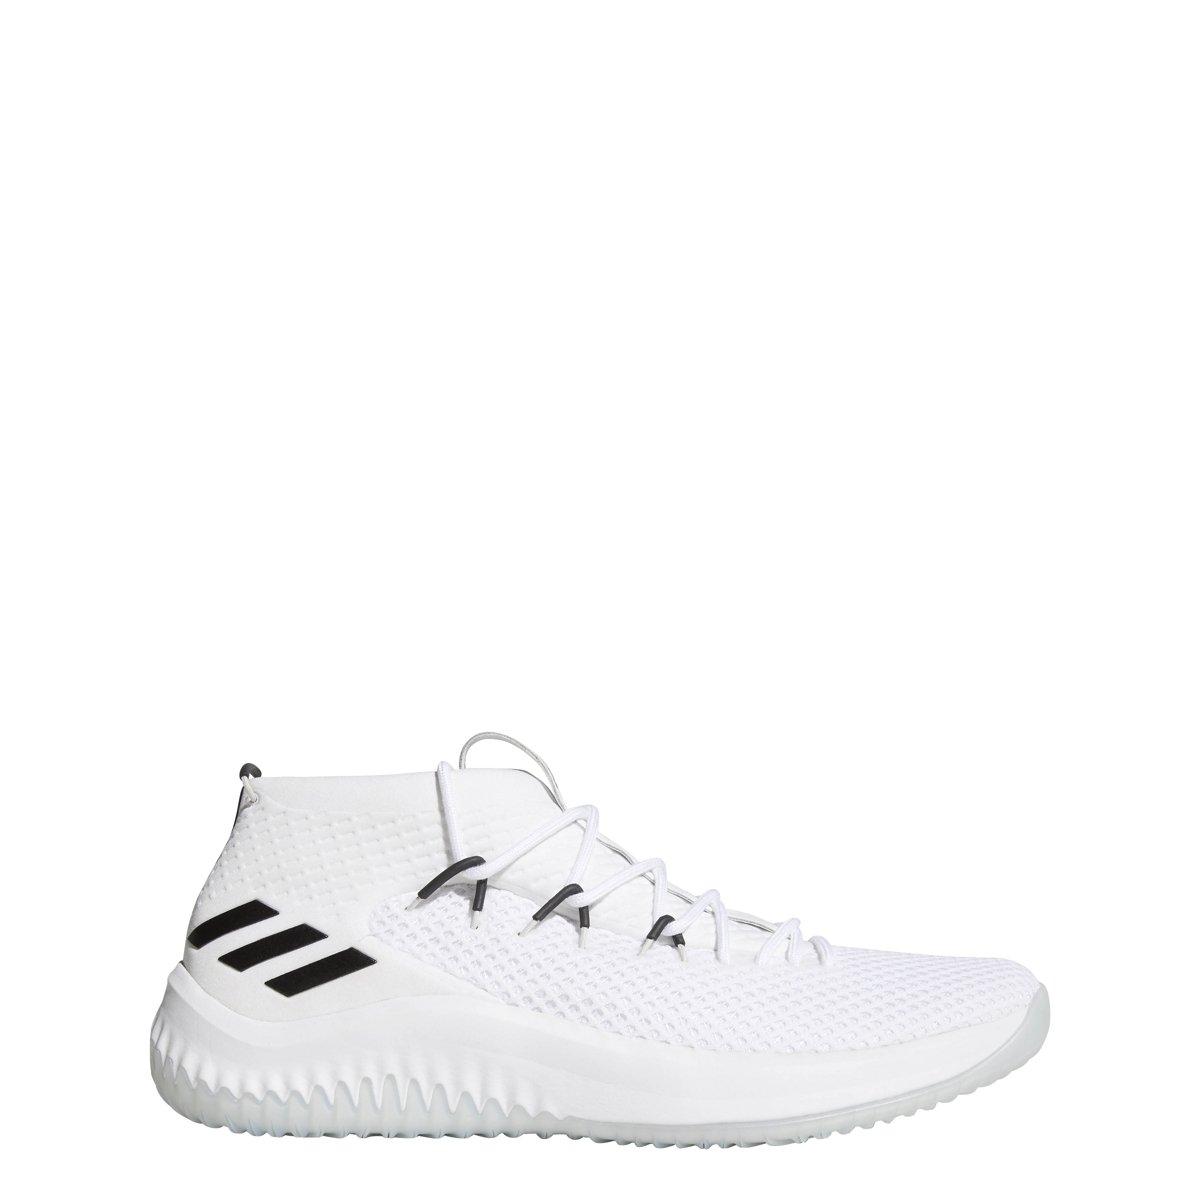 Adidas hombre 's Dame 4 zapatillas de baloncesto b07933mf79 D (m) uswhite